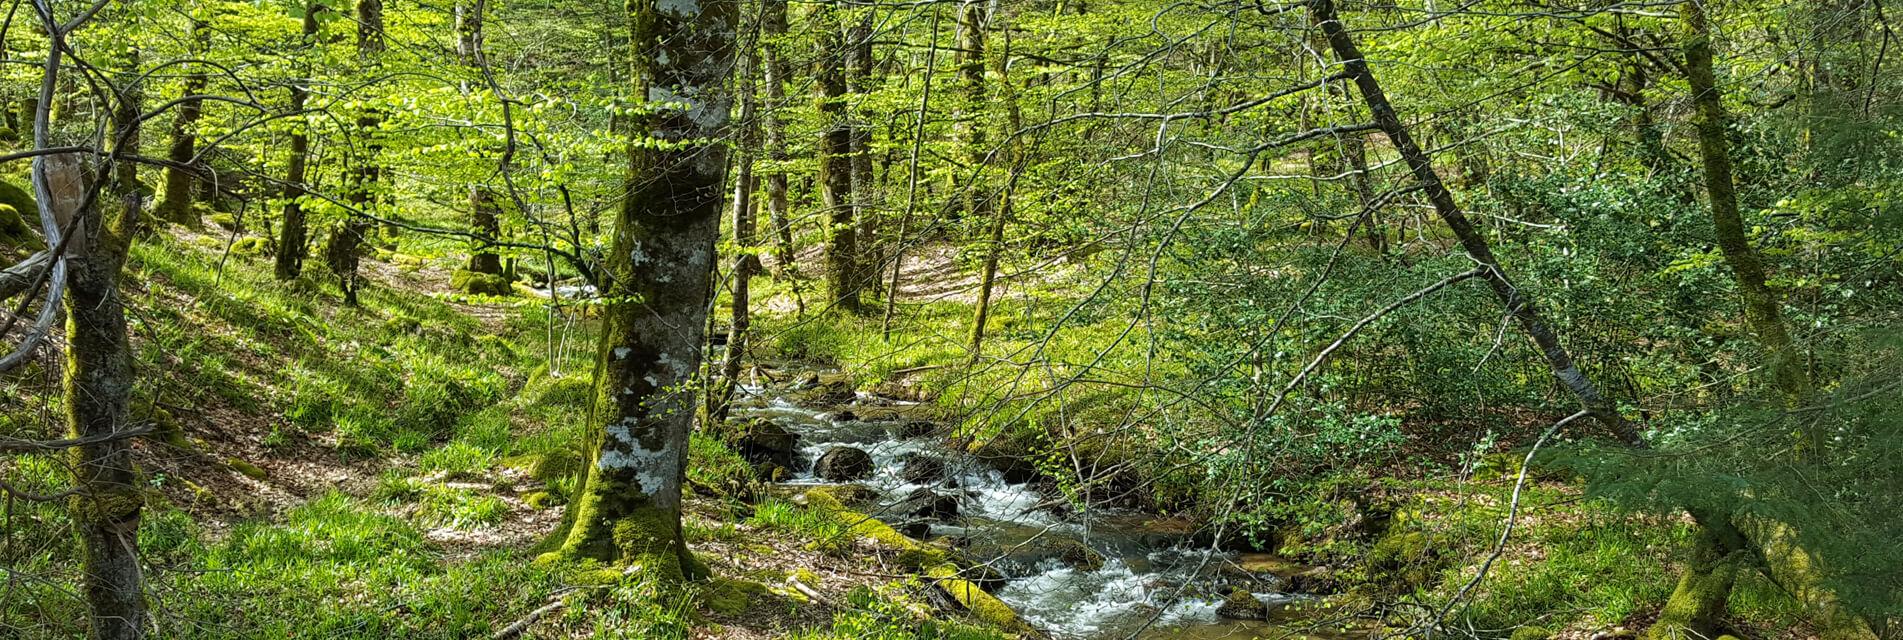 Séjourner à Lacaune dans le Tarn en Occitanie